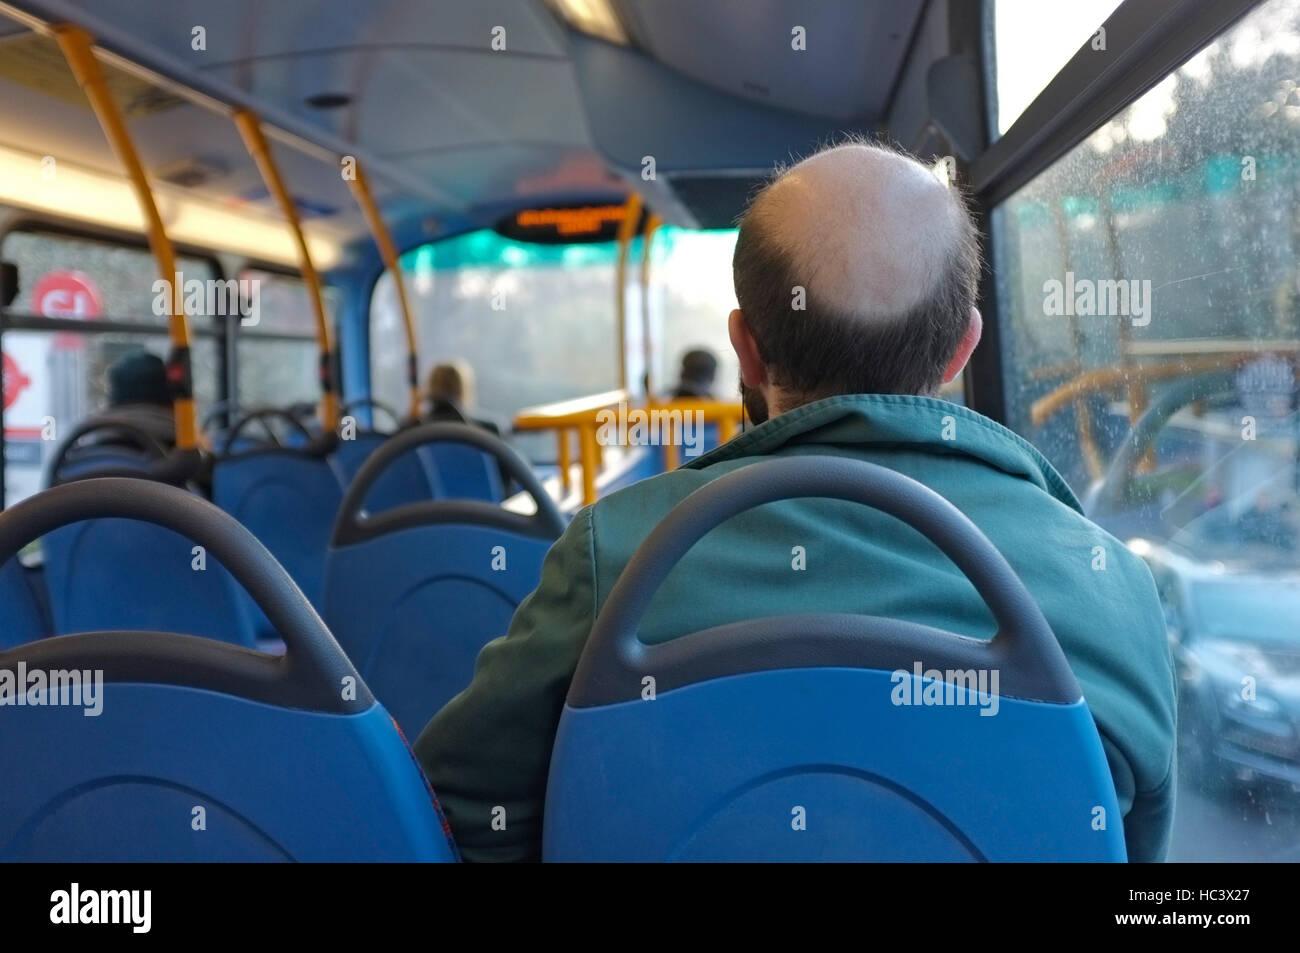 Un giovane uomo su un bus di Londra con calvizie maschile. Immagini Stock